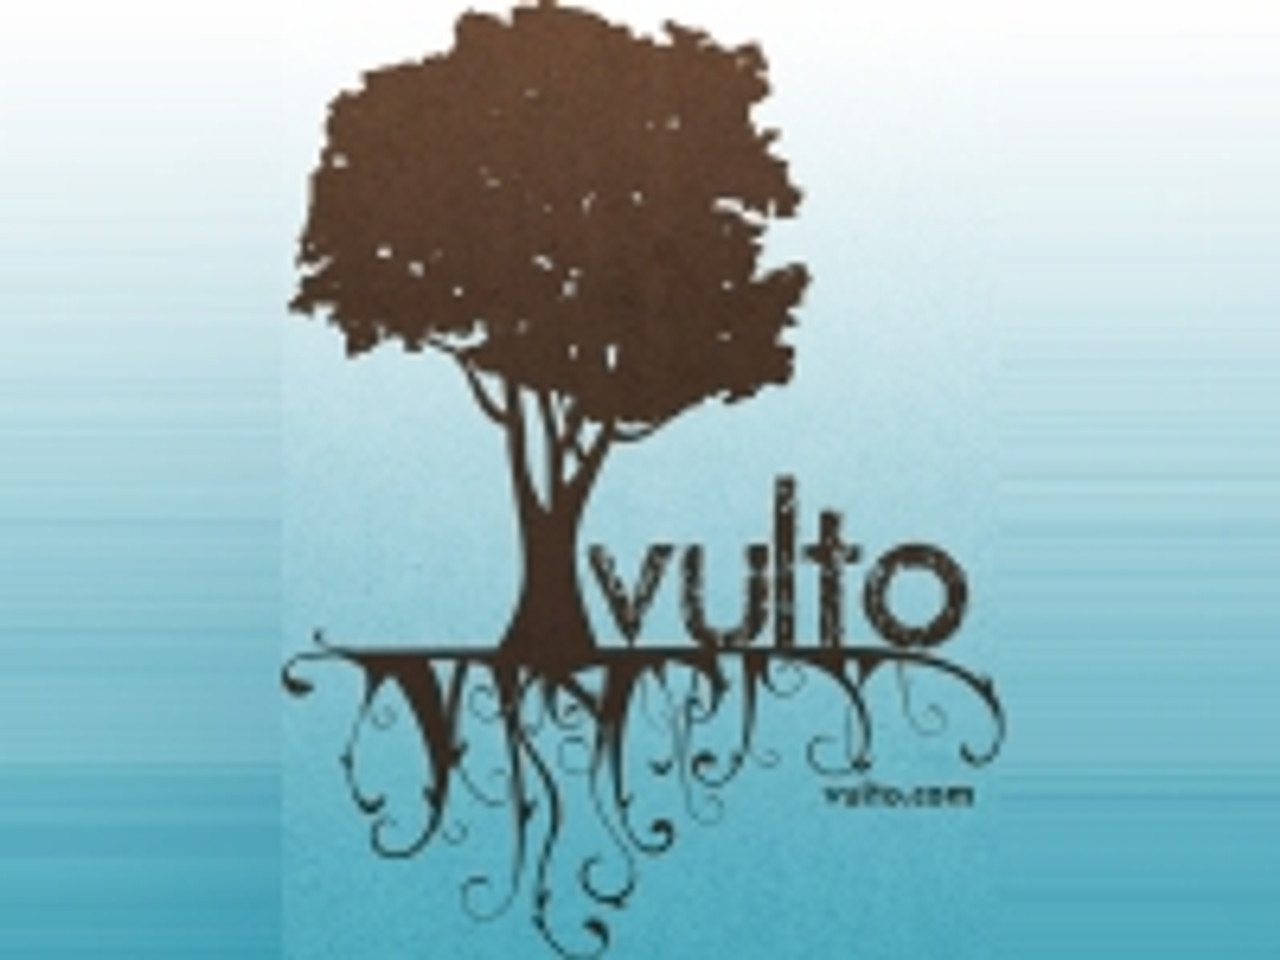 Vulto YoYo Strings